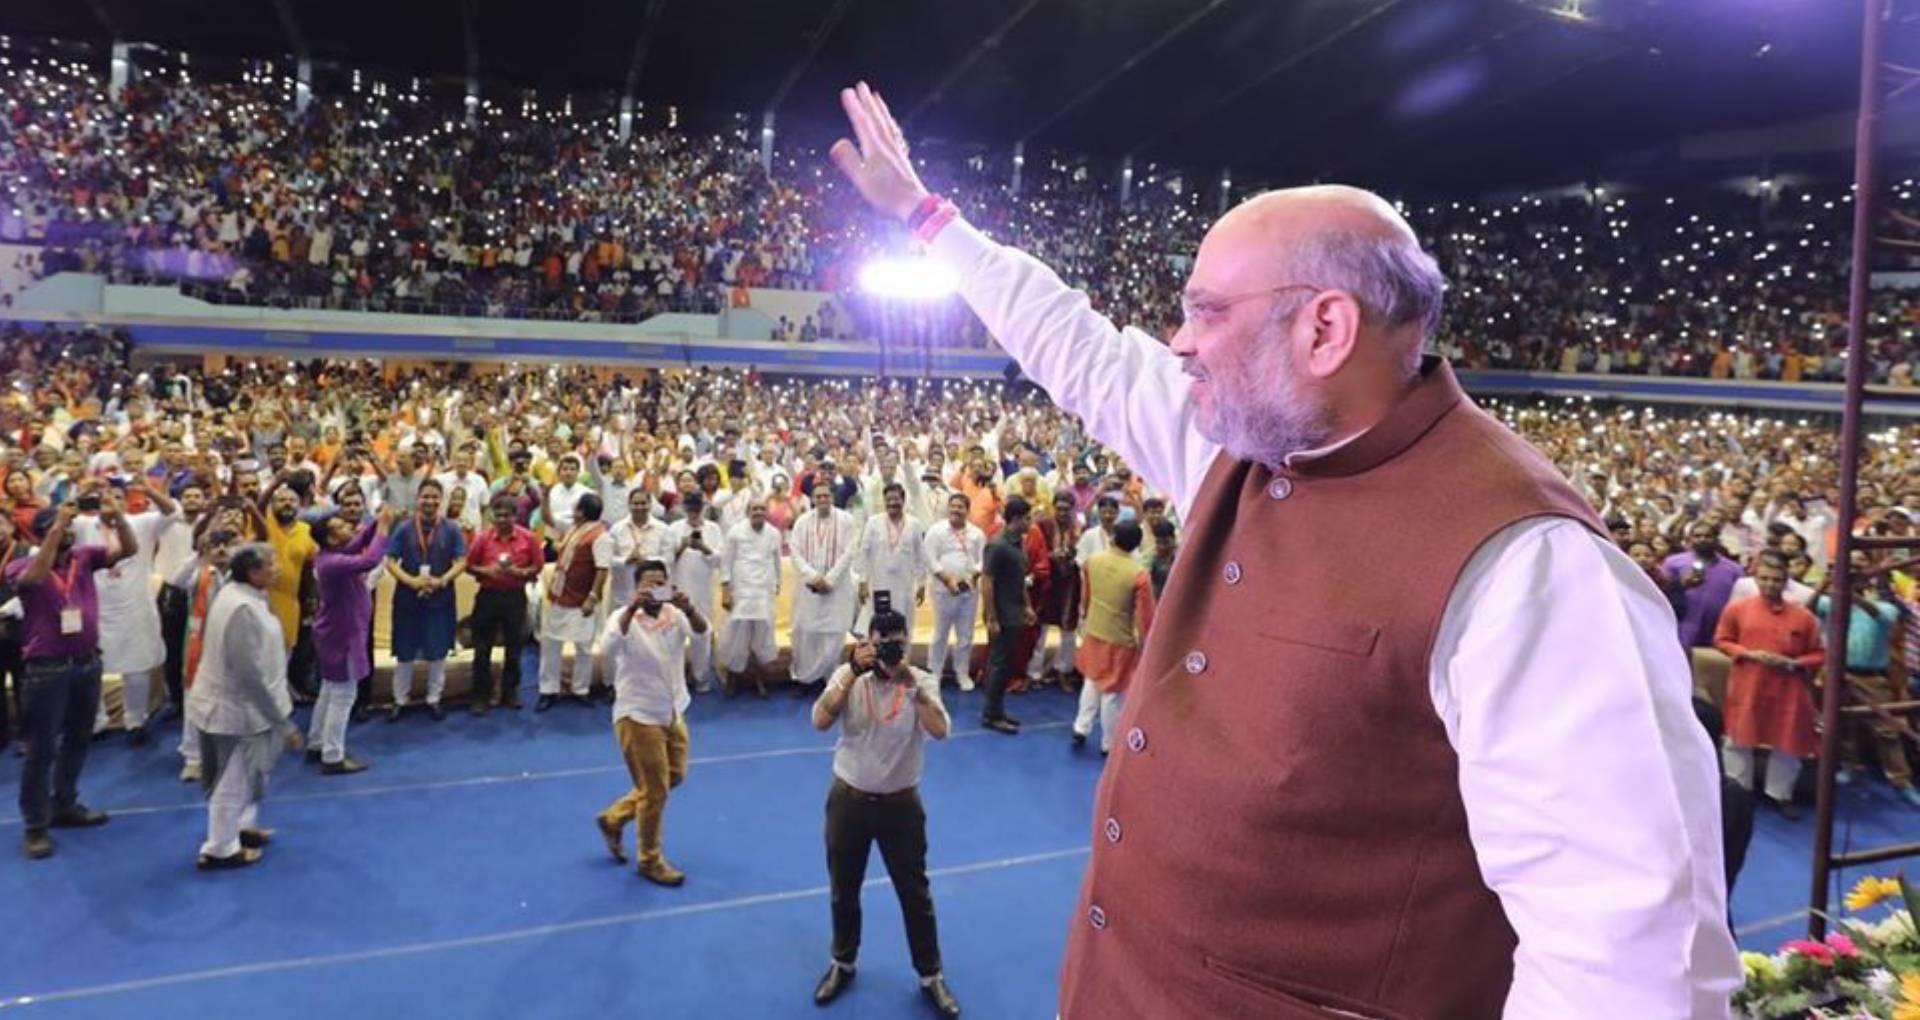 Amit Shah Birthday: इस आंदोलन के पितामह कहलाते हैं अमित शाह, यहां जानिए बीजेपी अध्यक्ष के अनसुने किस्से